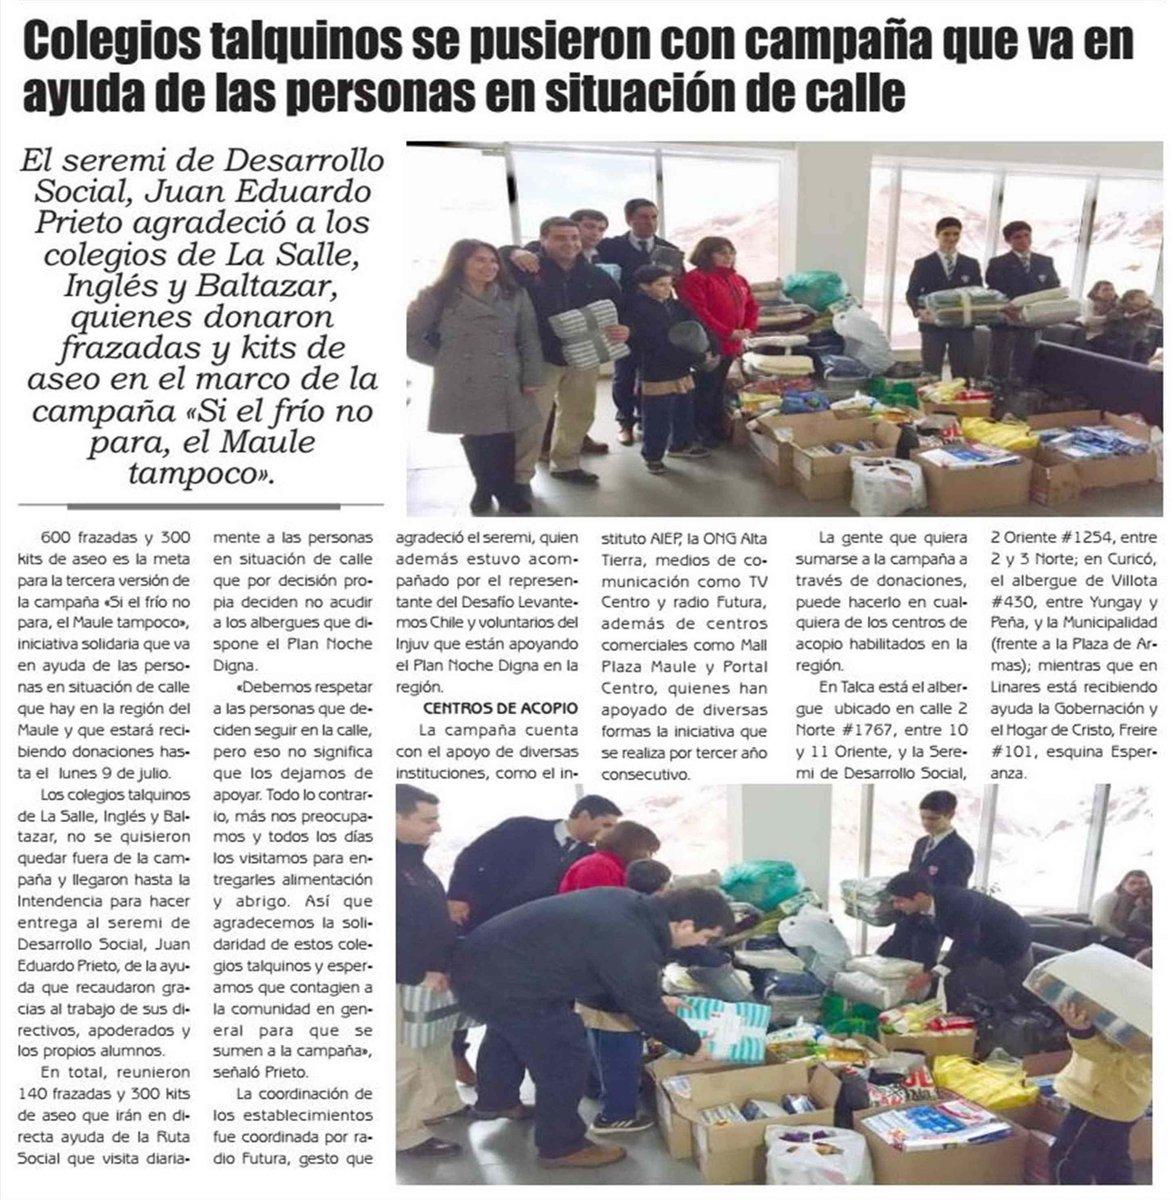 Caritas Linares (@caritaslinares) | Twitter